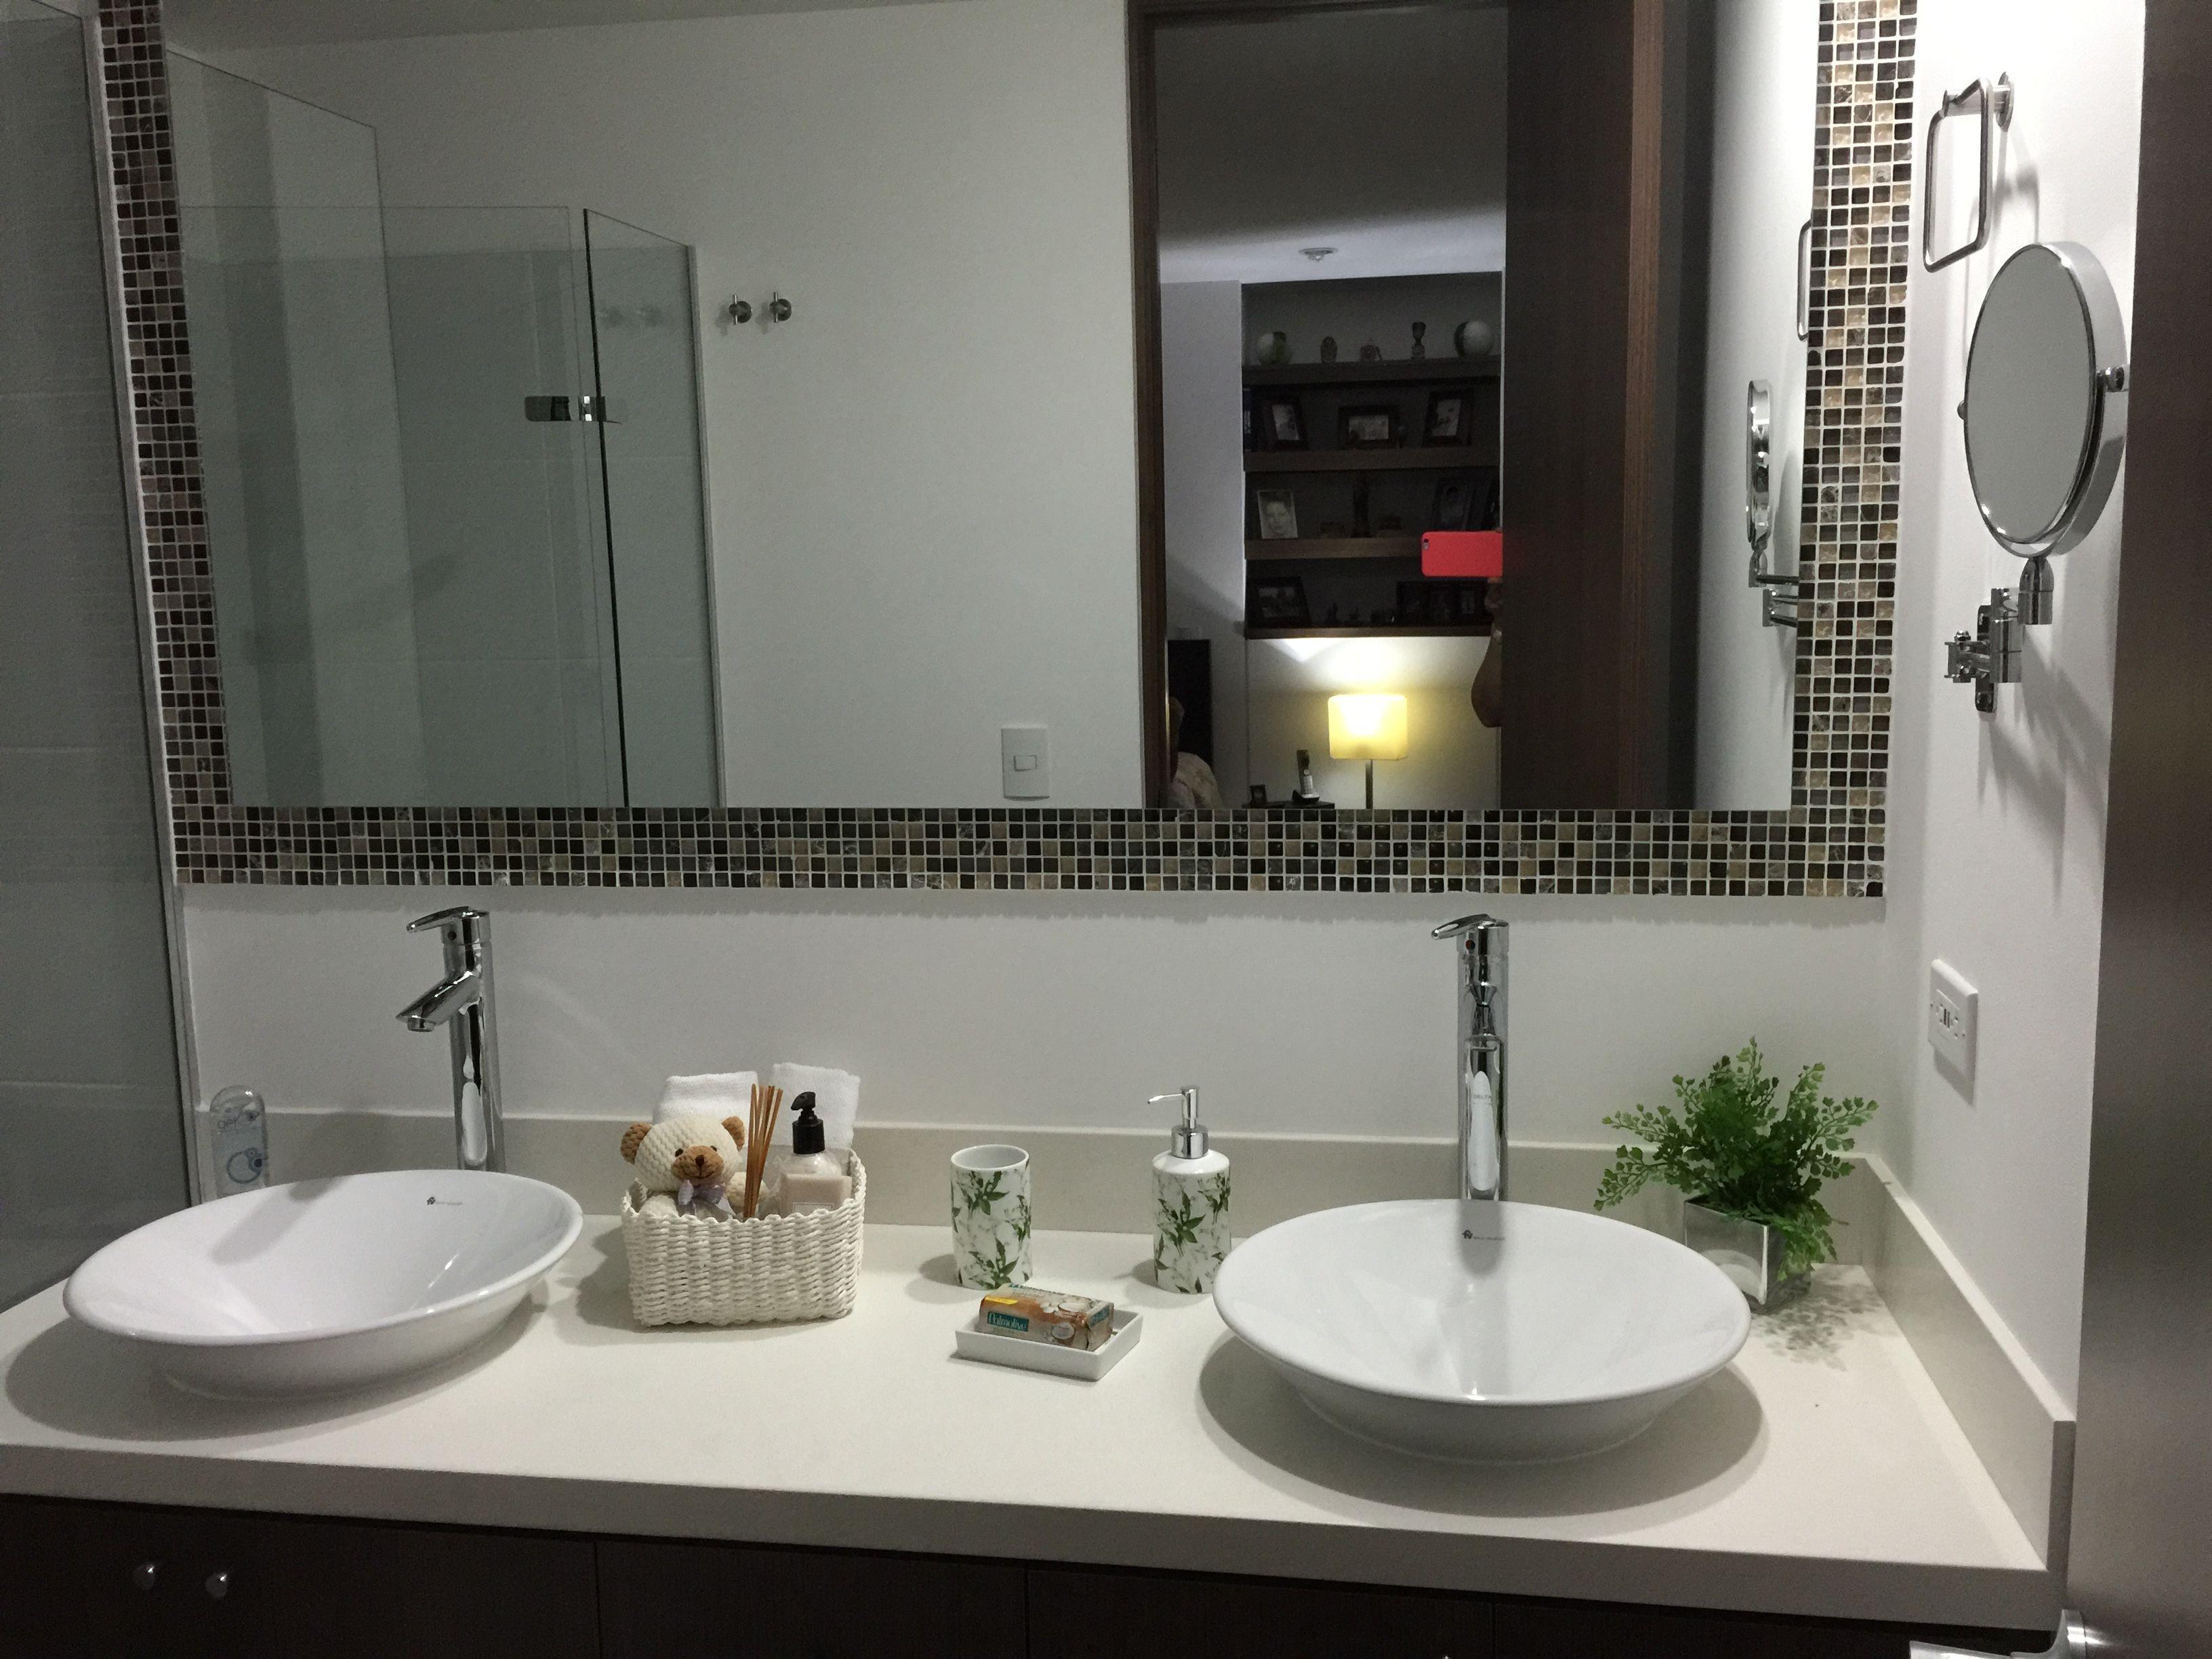 Ba o con doble lavamanos y espejo con cenefa y d talles de decoraci n que le dan un toque muy - Espejos para lavabos ...